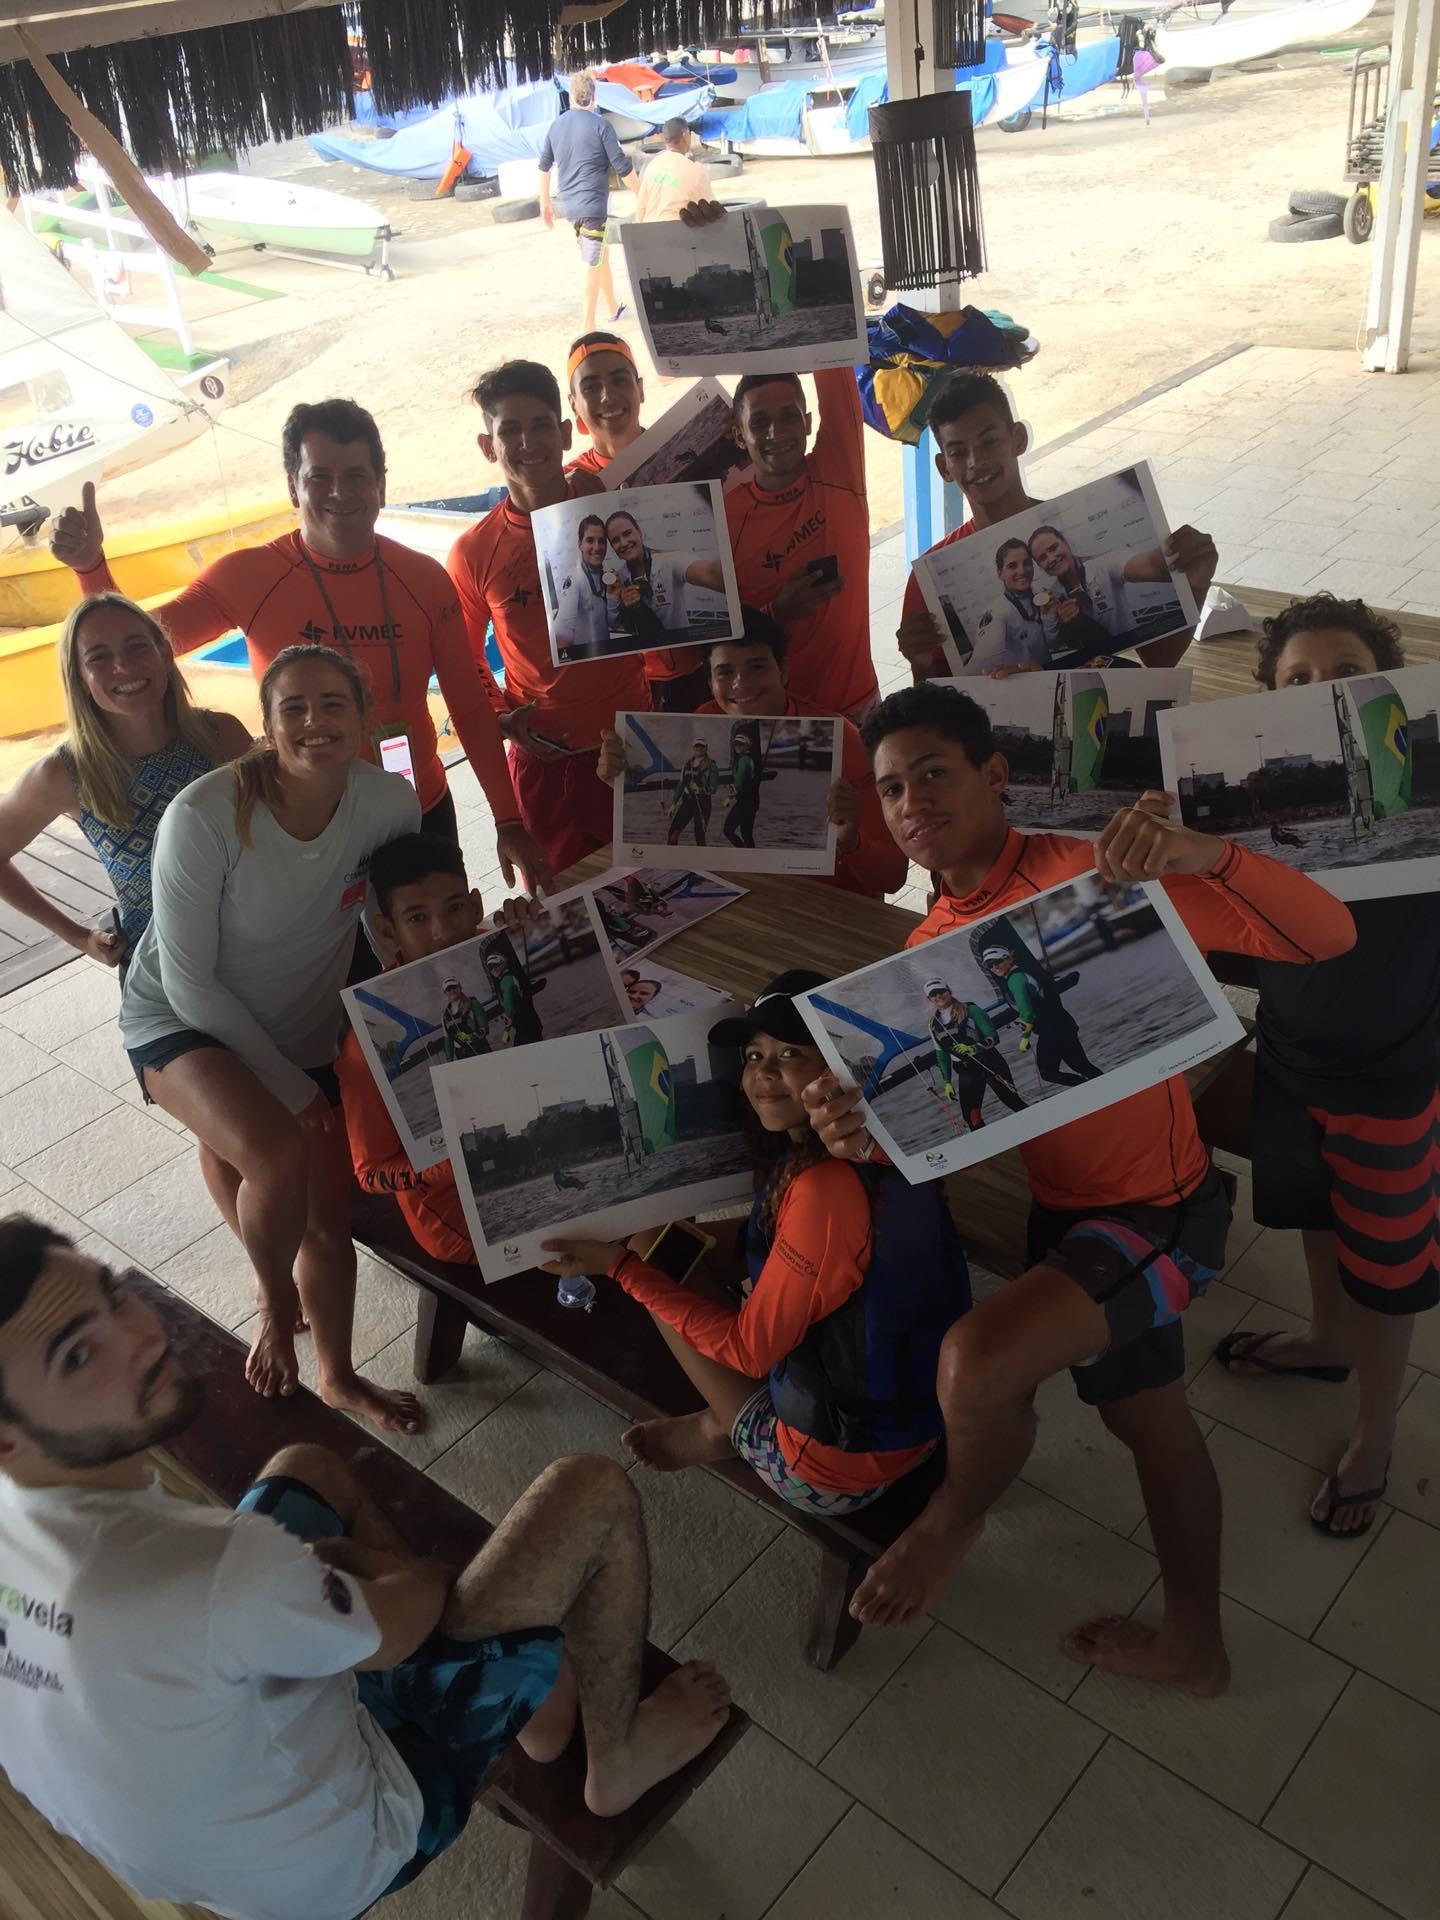 Kahena Kunze visita Fortaleza e conhece o projeto É sal! , no Iate Clube. (Foto: divulgação)